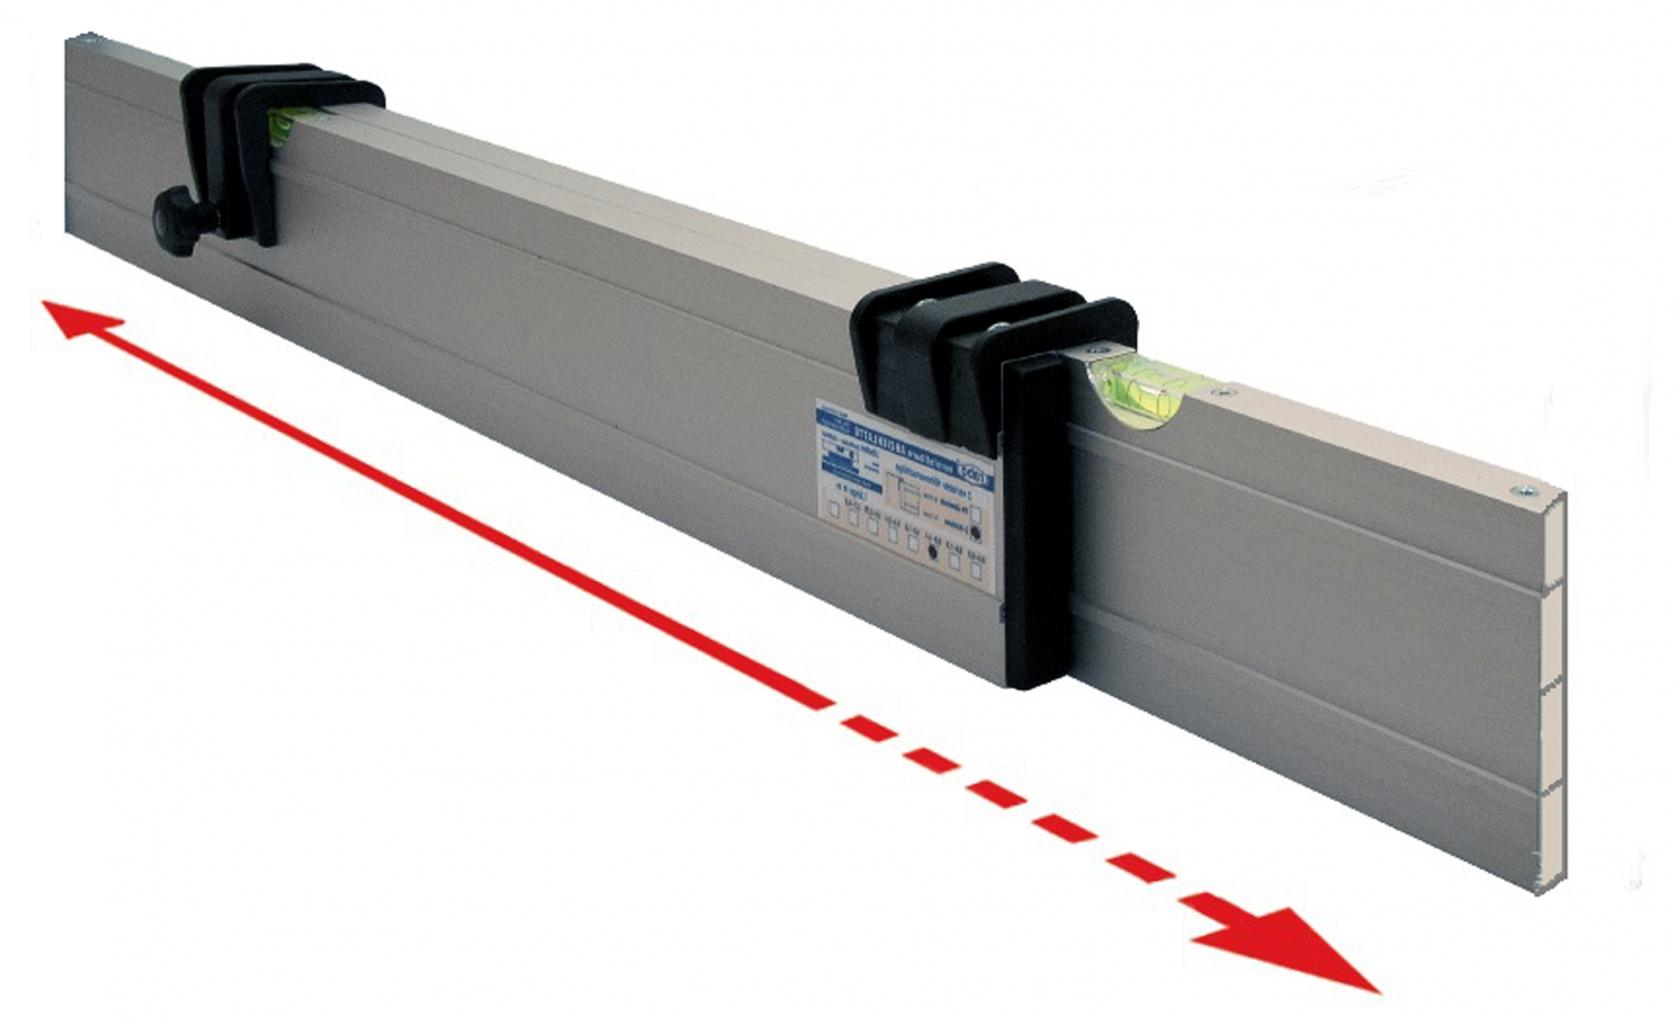 Nivelo NL28 nastavitelná stahovací lať s pracovní délkou 1.6 - 2.75 m